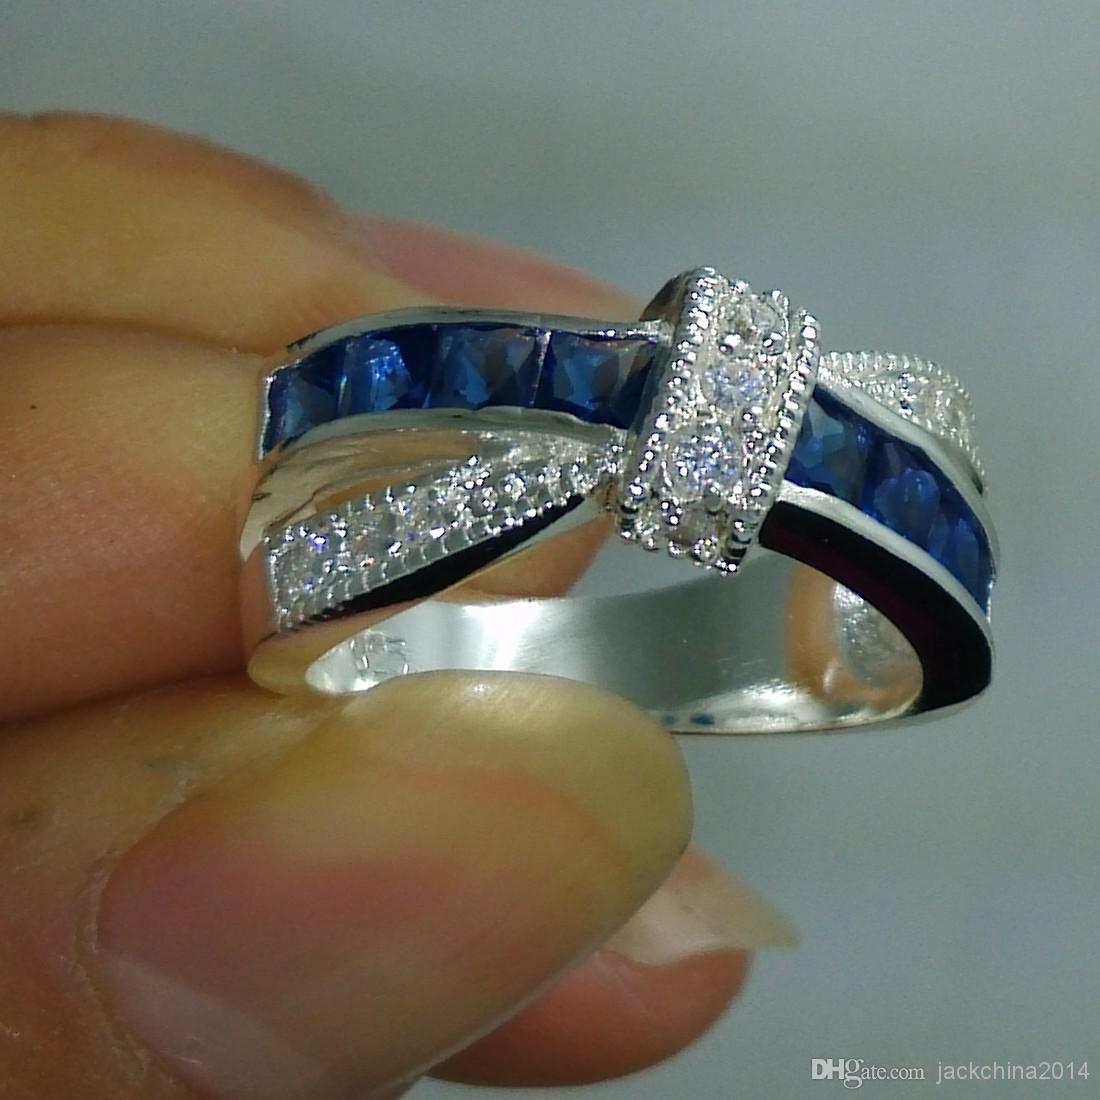 NOVO 100% Marca frete grátis Fine Jewelry 925 prata esterlina azul safira Gem Mulheres casamento Belt Buckle Banda Anel PRESENTE size6 / 7/8/9